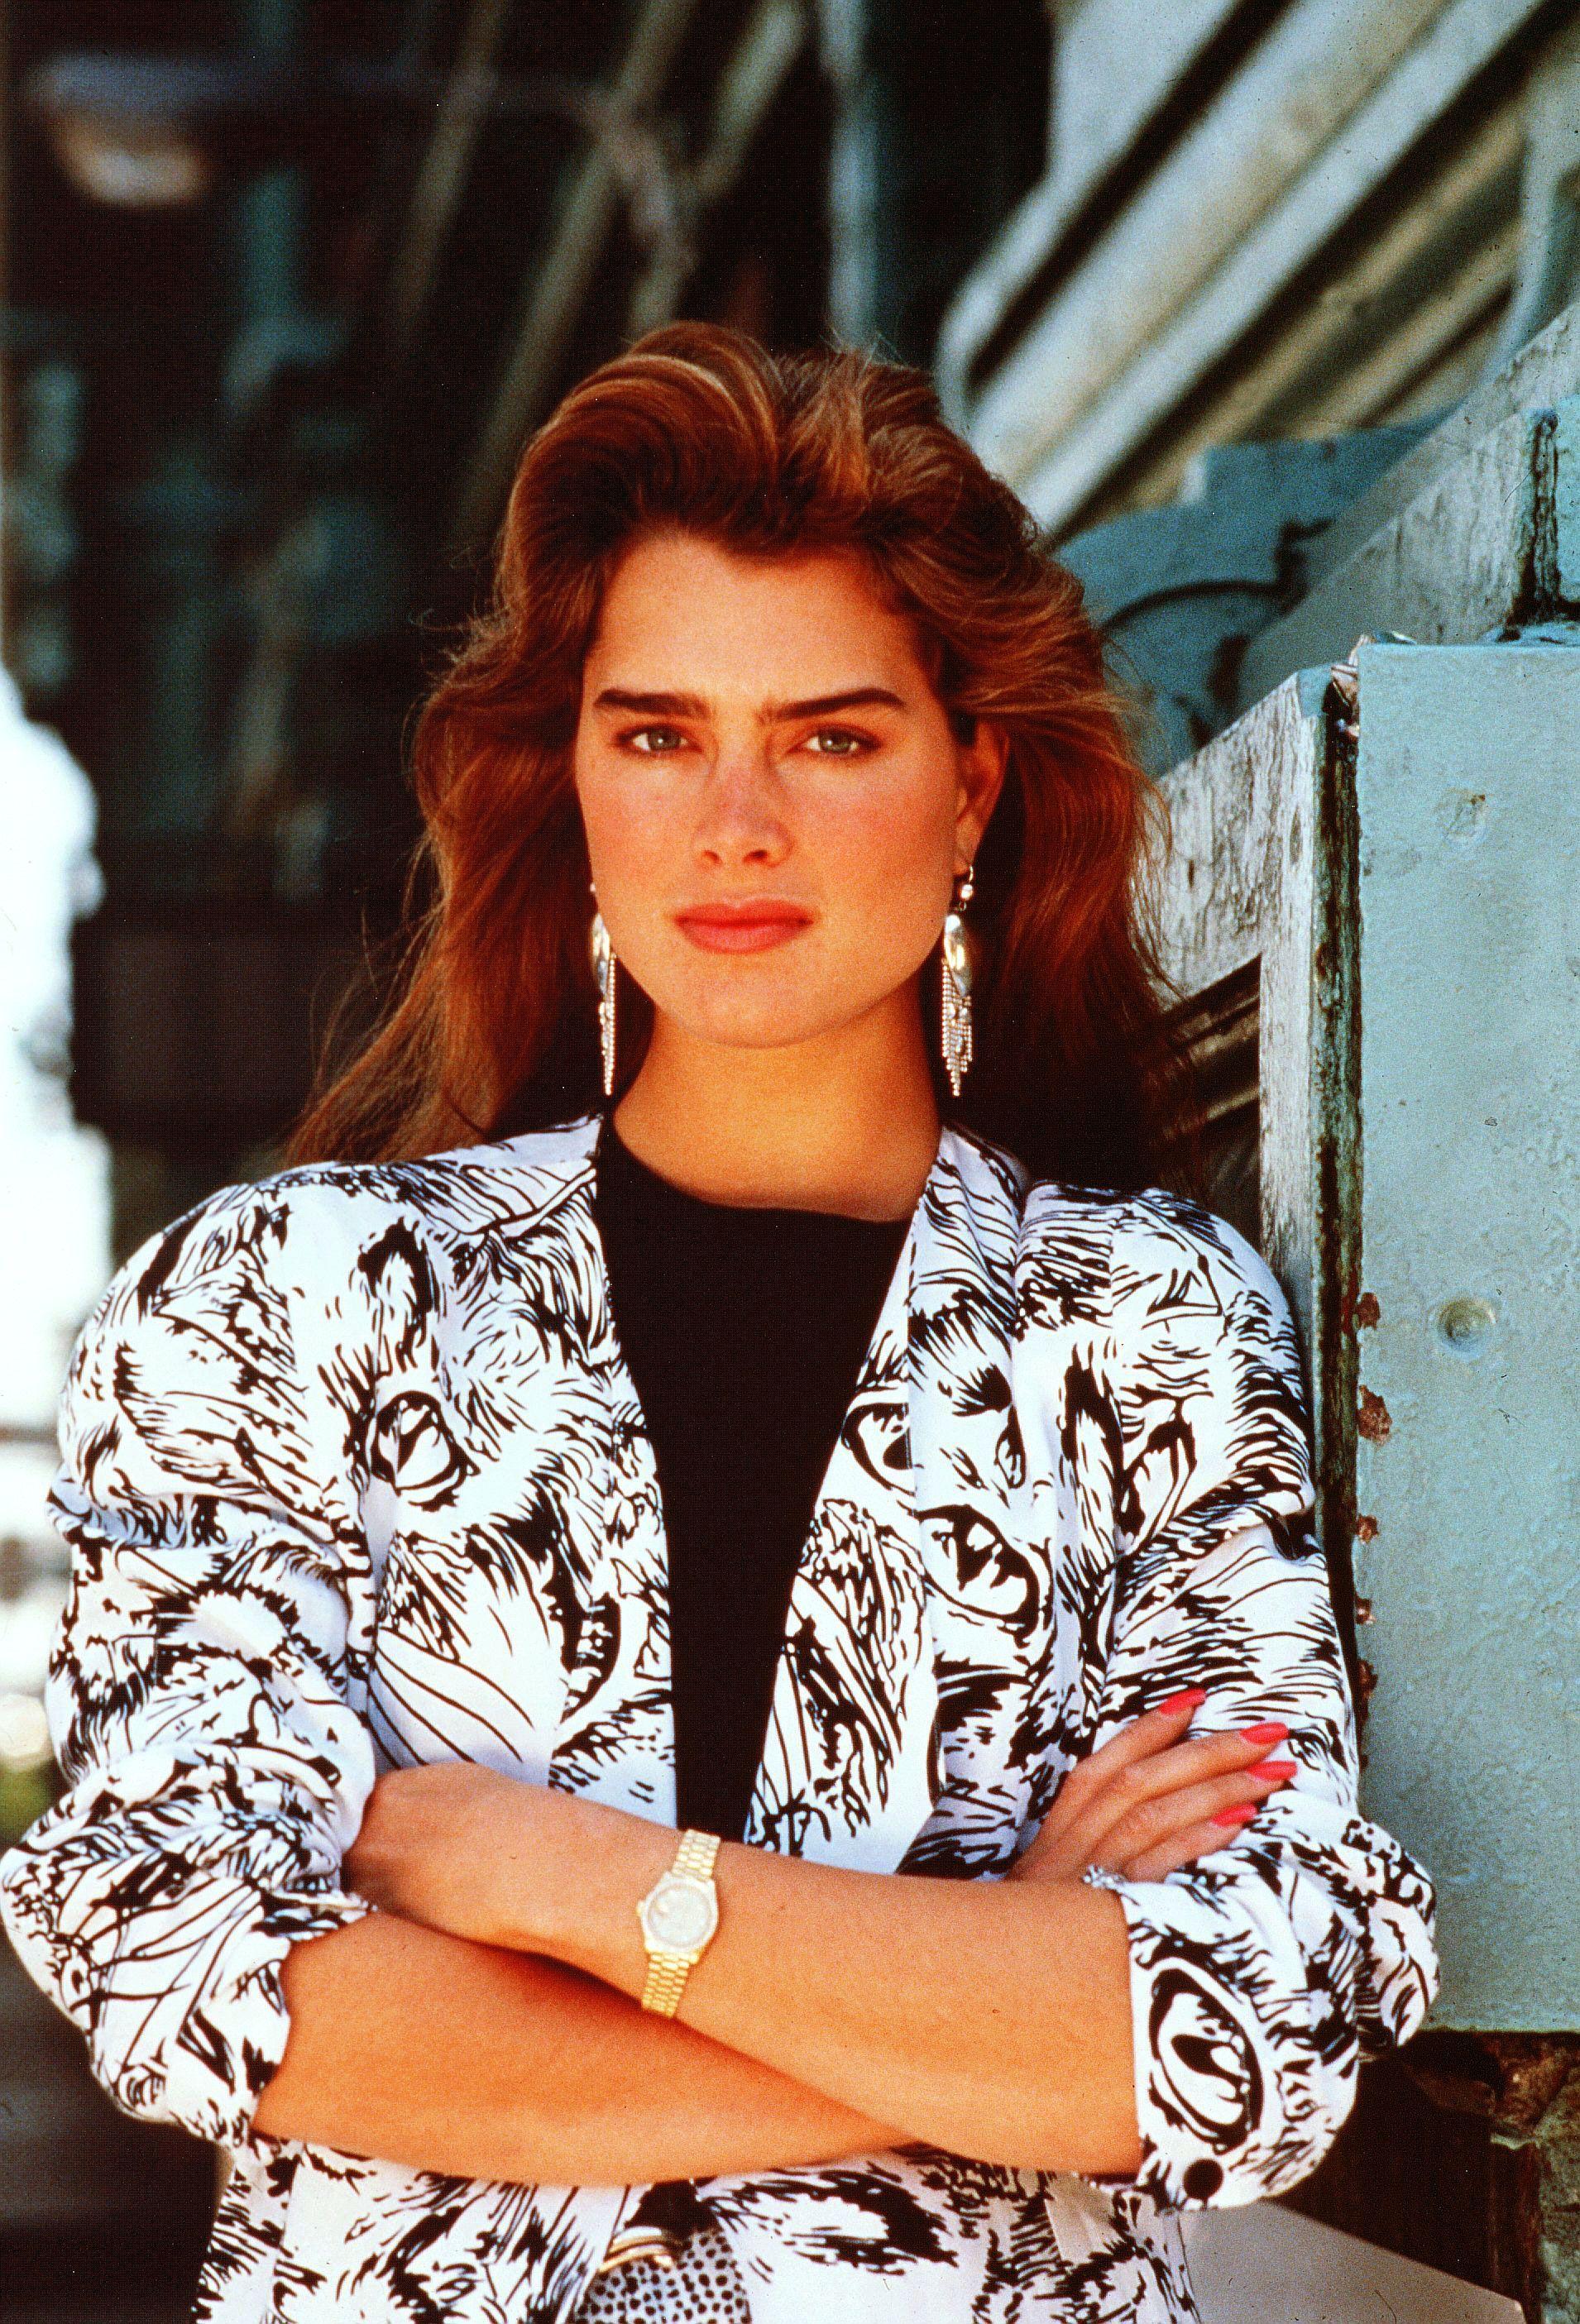 Coiffures des années 80 : La jeune Brooke Shields avec de gros cheveux bruns séchés au sèche-cheveux des années 80, portant un blazer à motifs et les bras croisés.